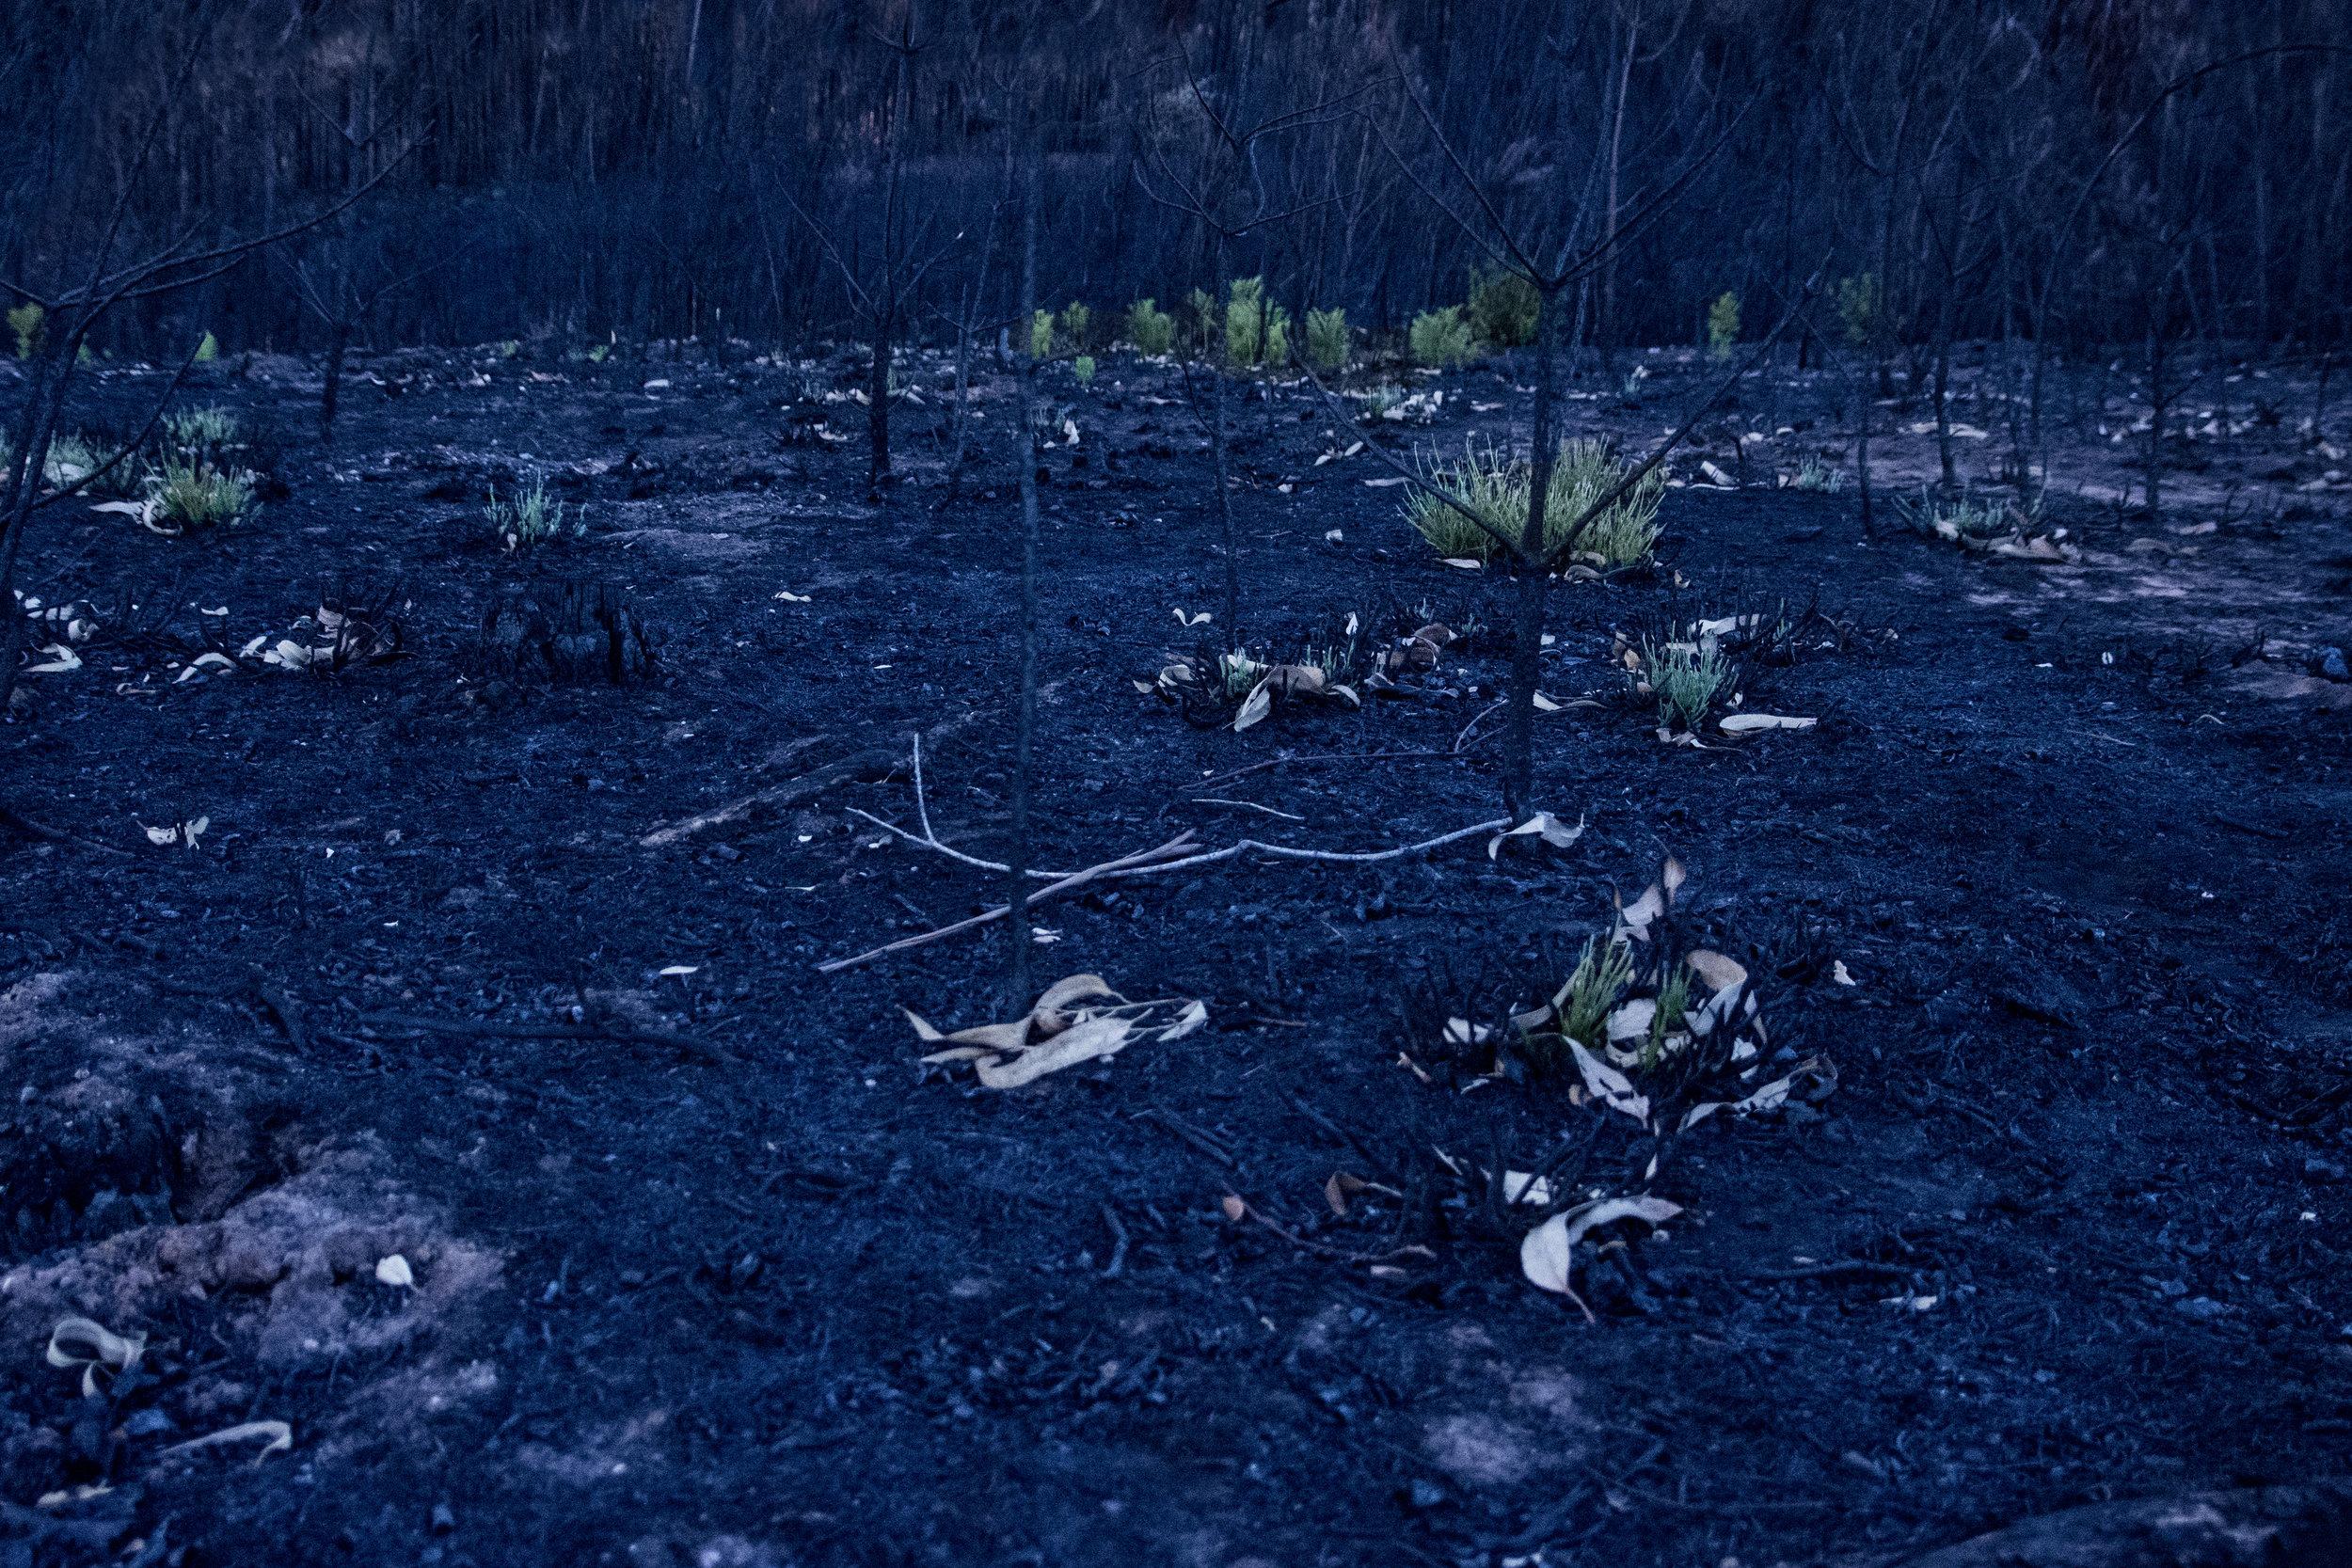 Floresta depois de um incêndio - realidade em Portugal.